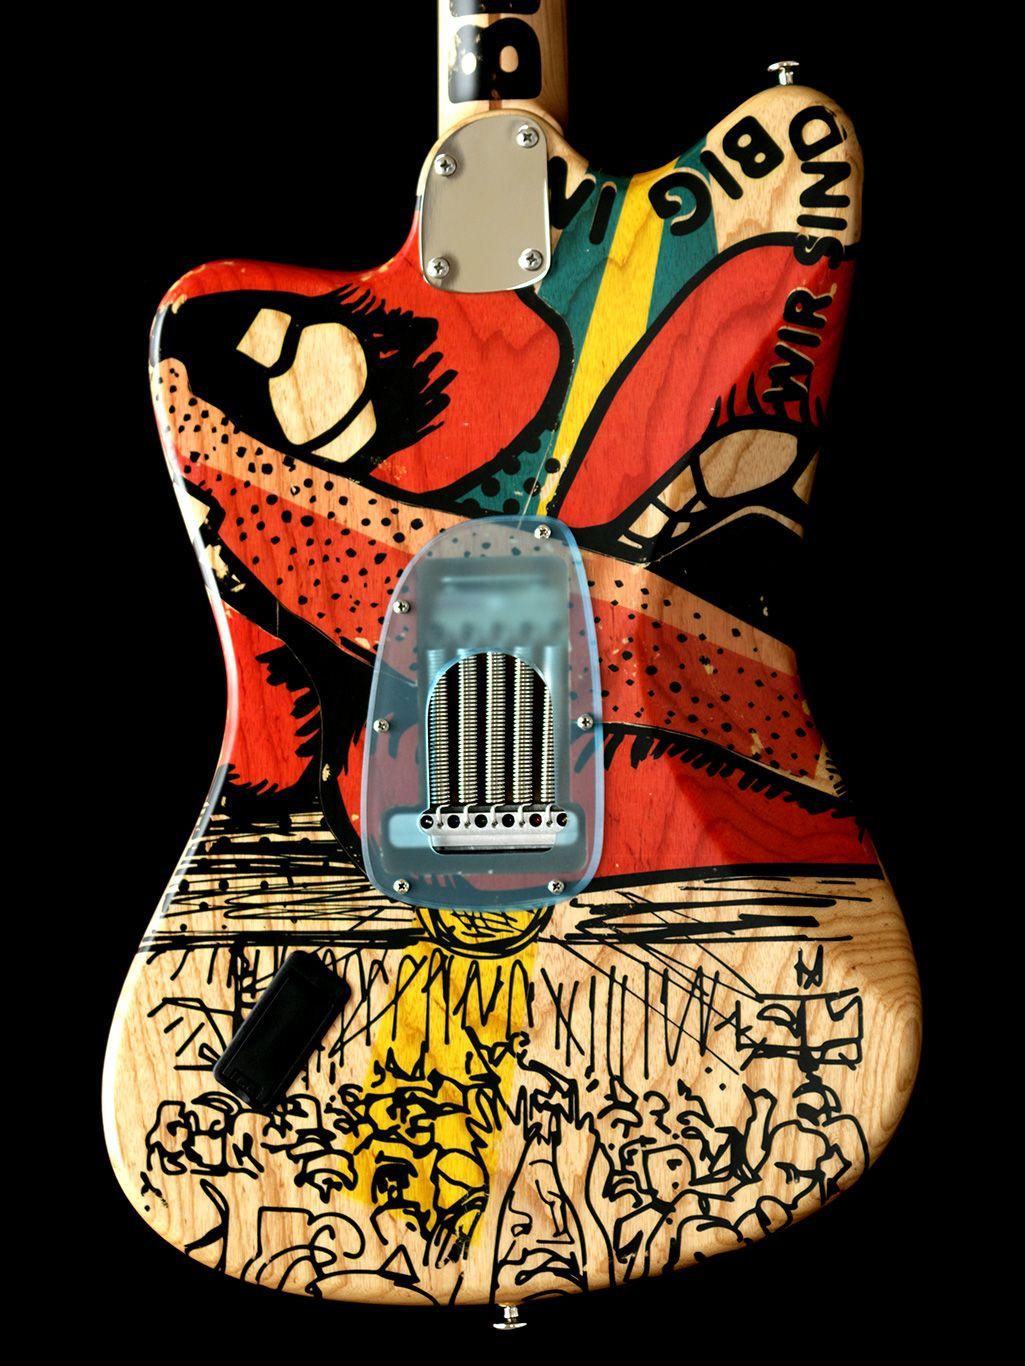 Deimel Firestar Artist Edition Berlin Tonight Art By Kora Junger Guitar Art Guitar Design Instruments Art